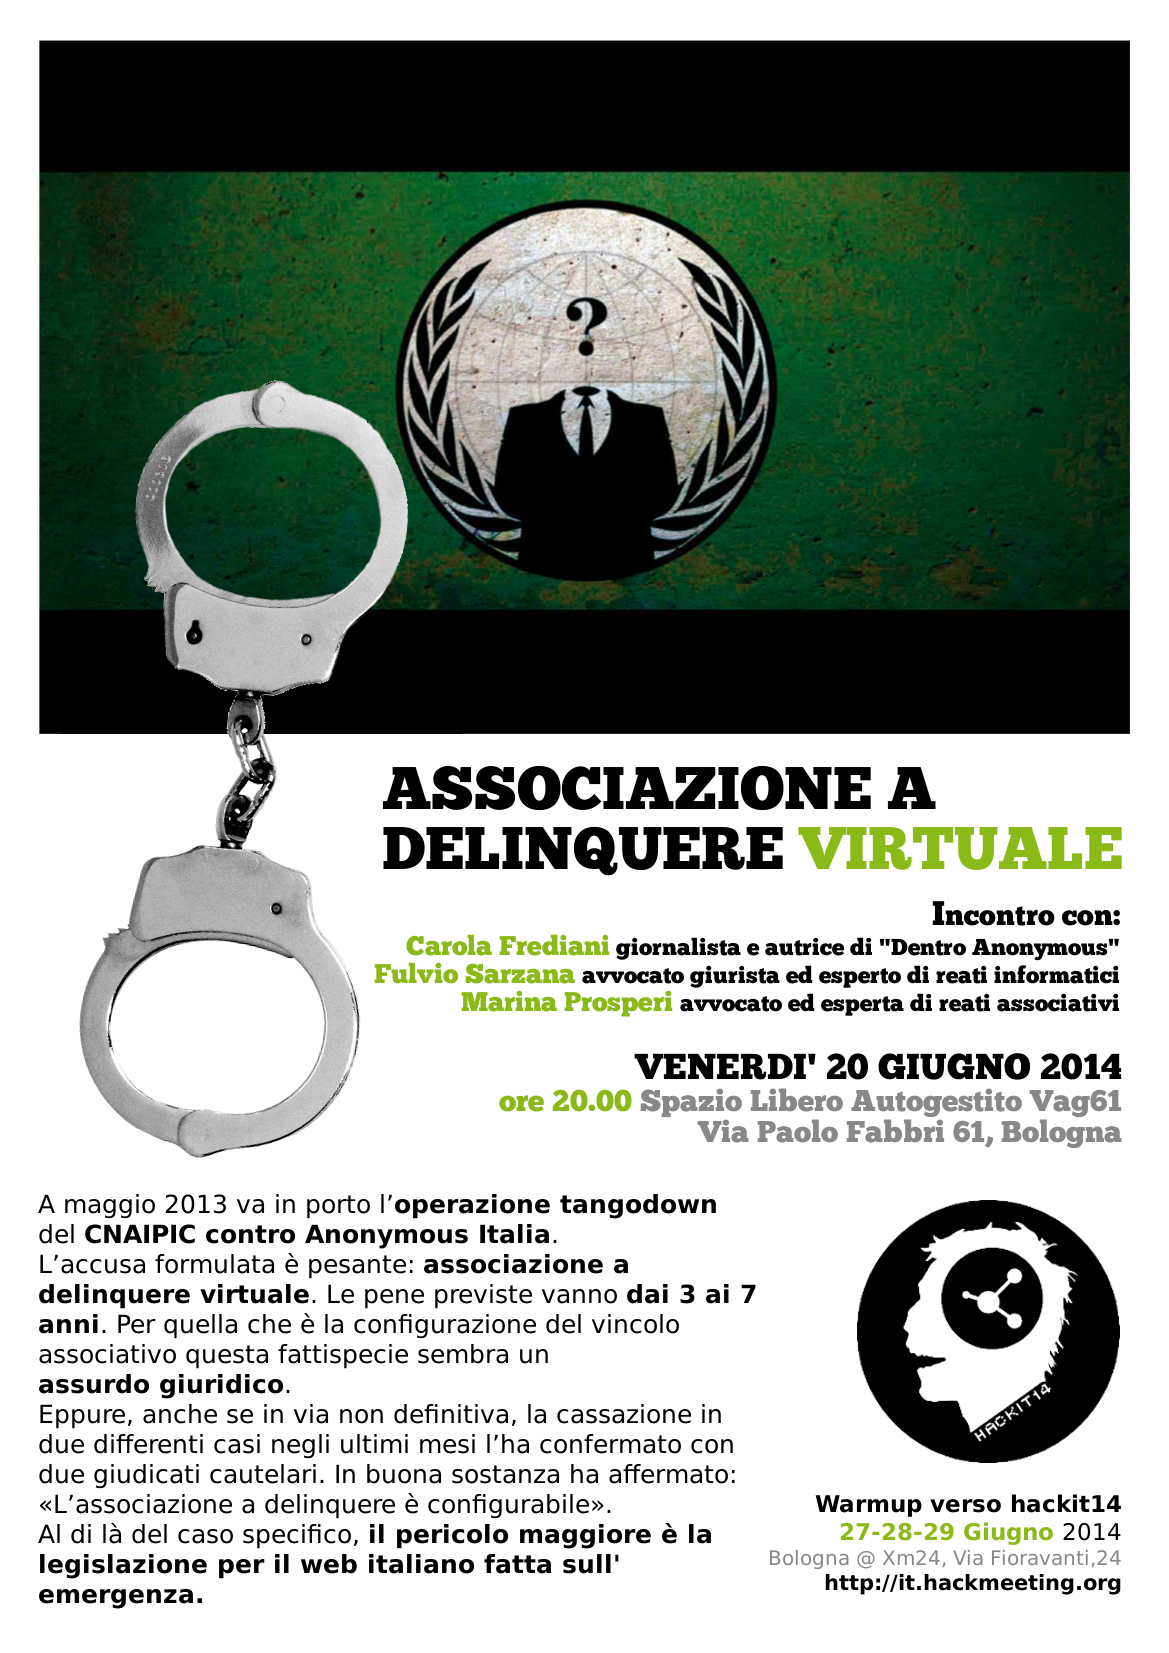 Associazione a delinquere virtuale